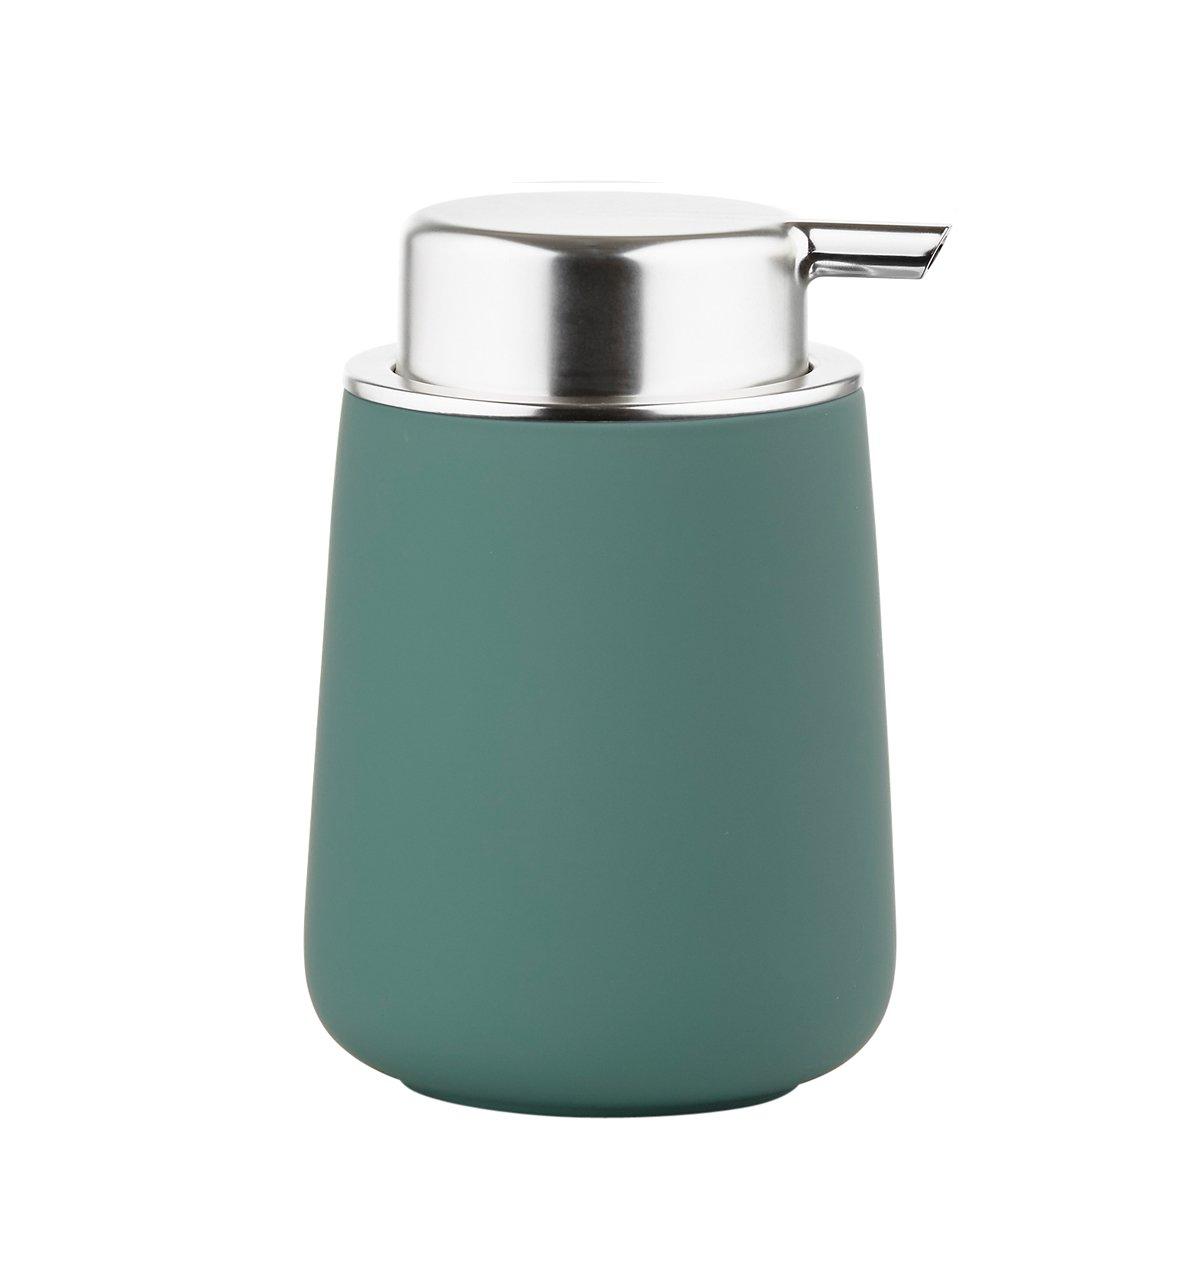 Zone - Nova Soap Dispenzer - Cactus (330156)